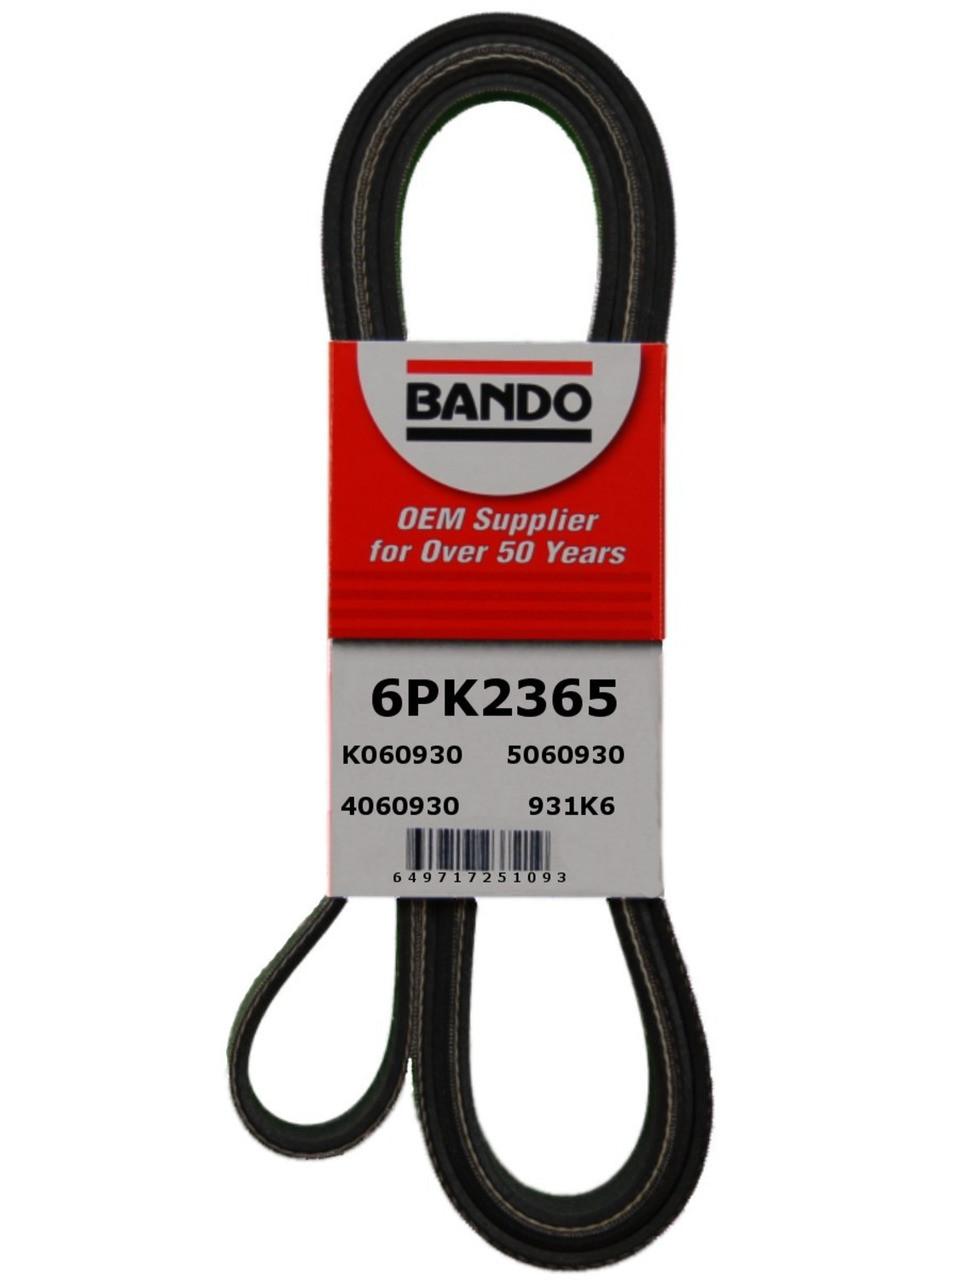 DAYCO TIMING BELT FOR Peugeot 406 97-04 ES9J4 V6 407 04-09 ES9A 607 01-08 3.0